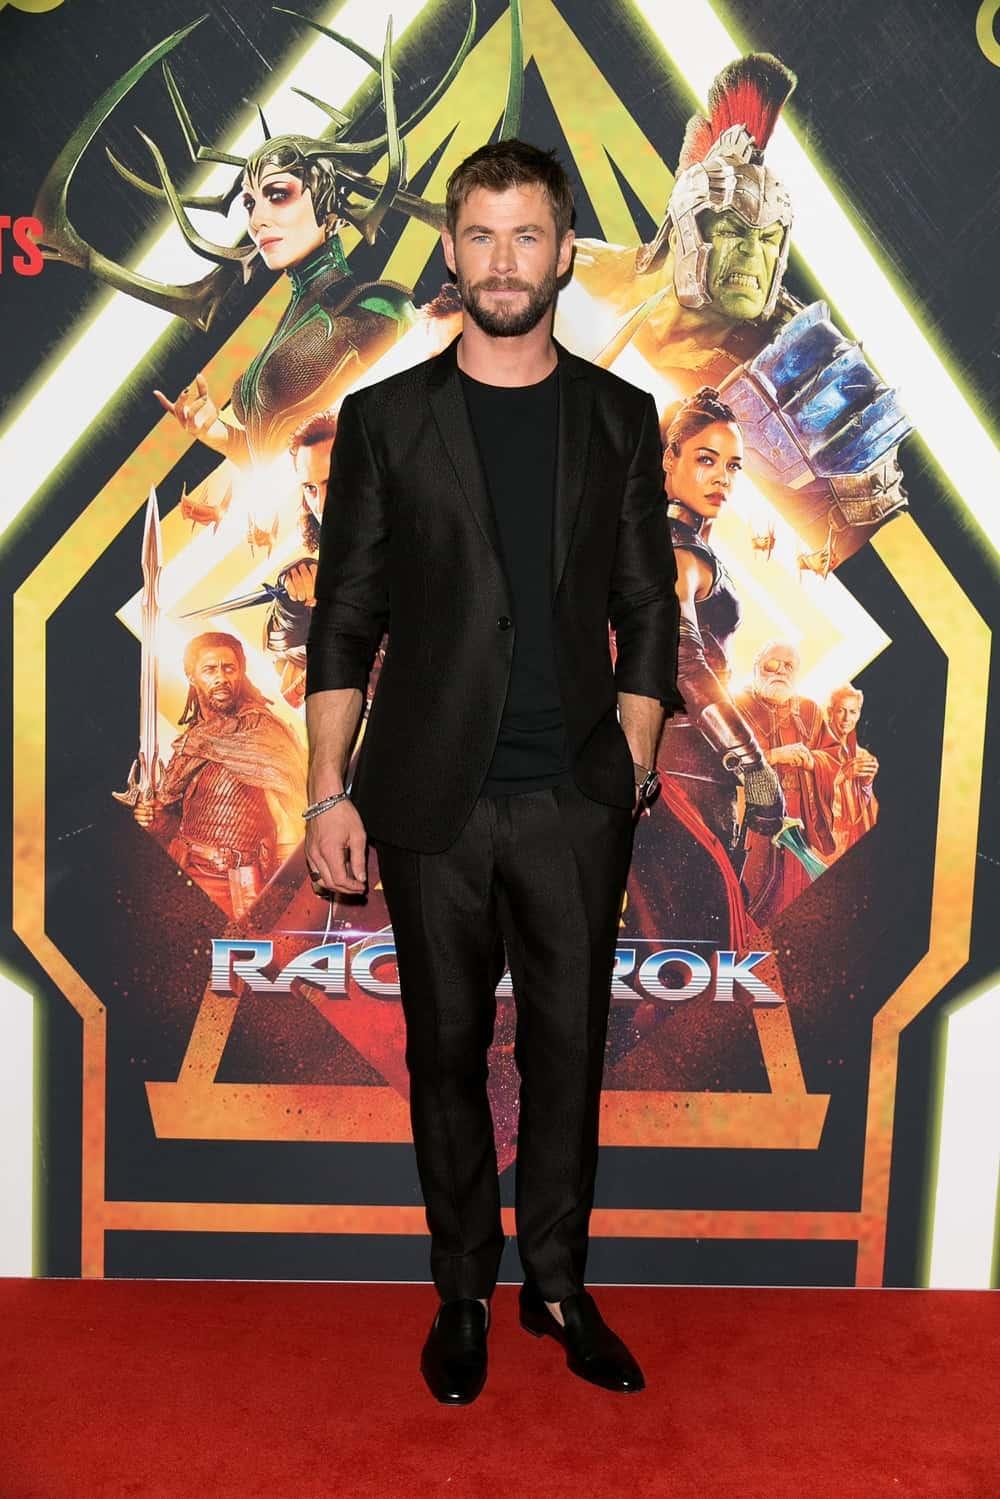 Chris Hemsworth Thor: Ragnarok Sydney Special Event Screening - Arrivals